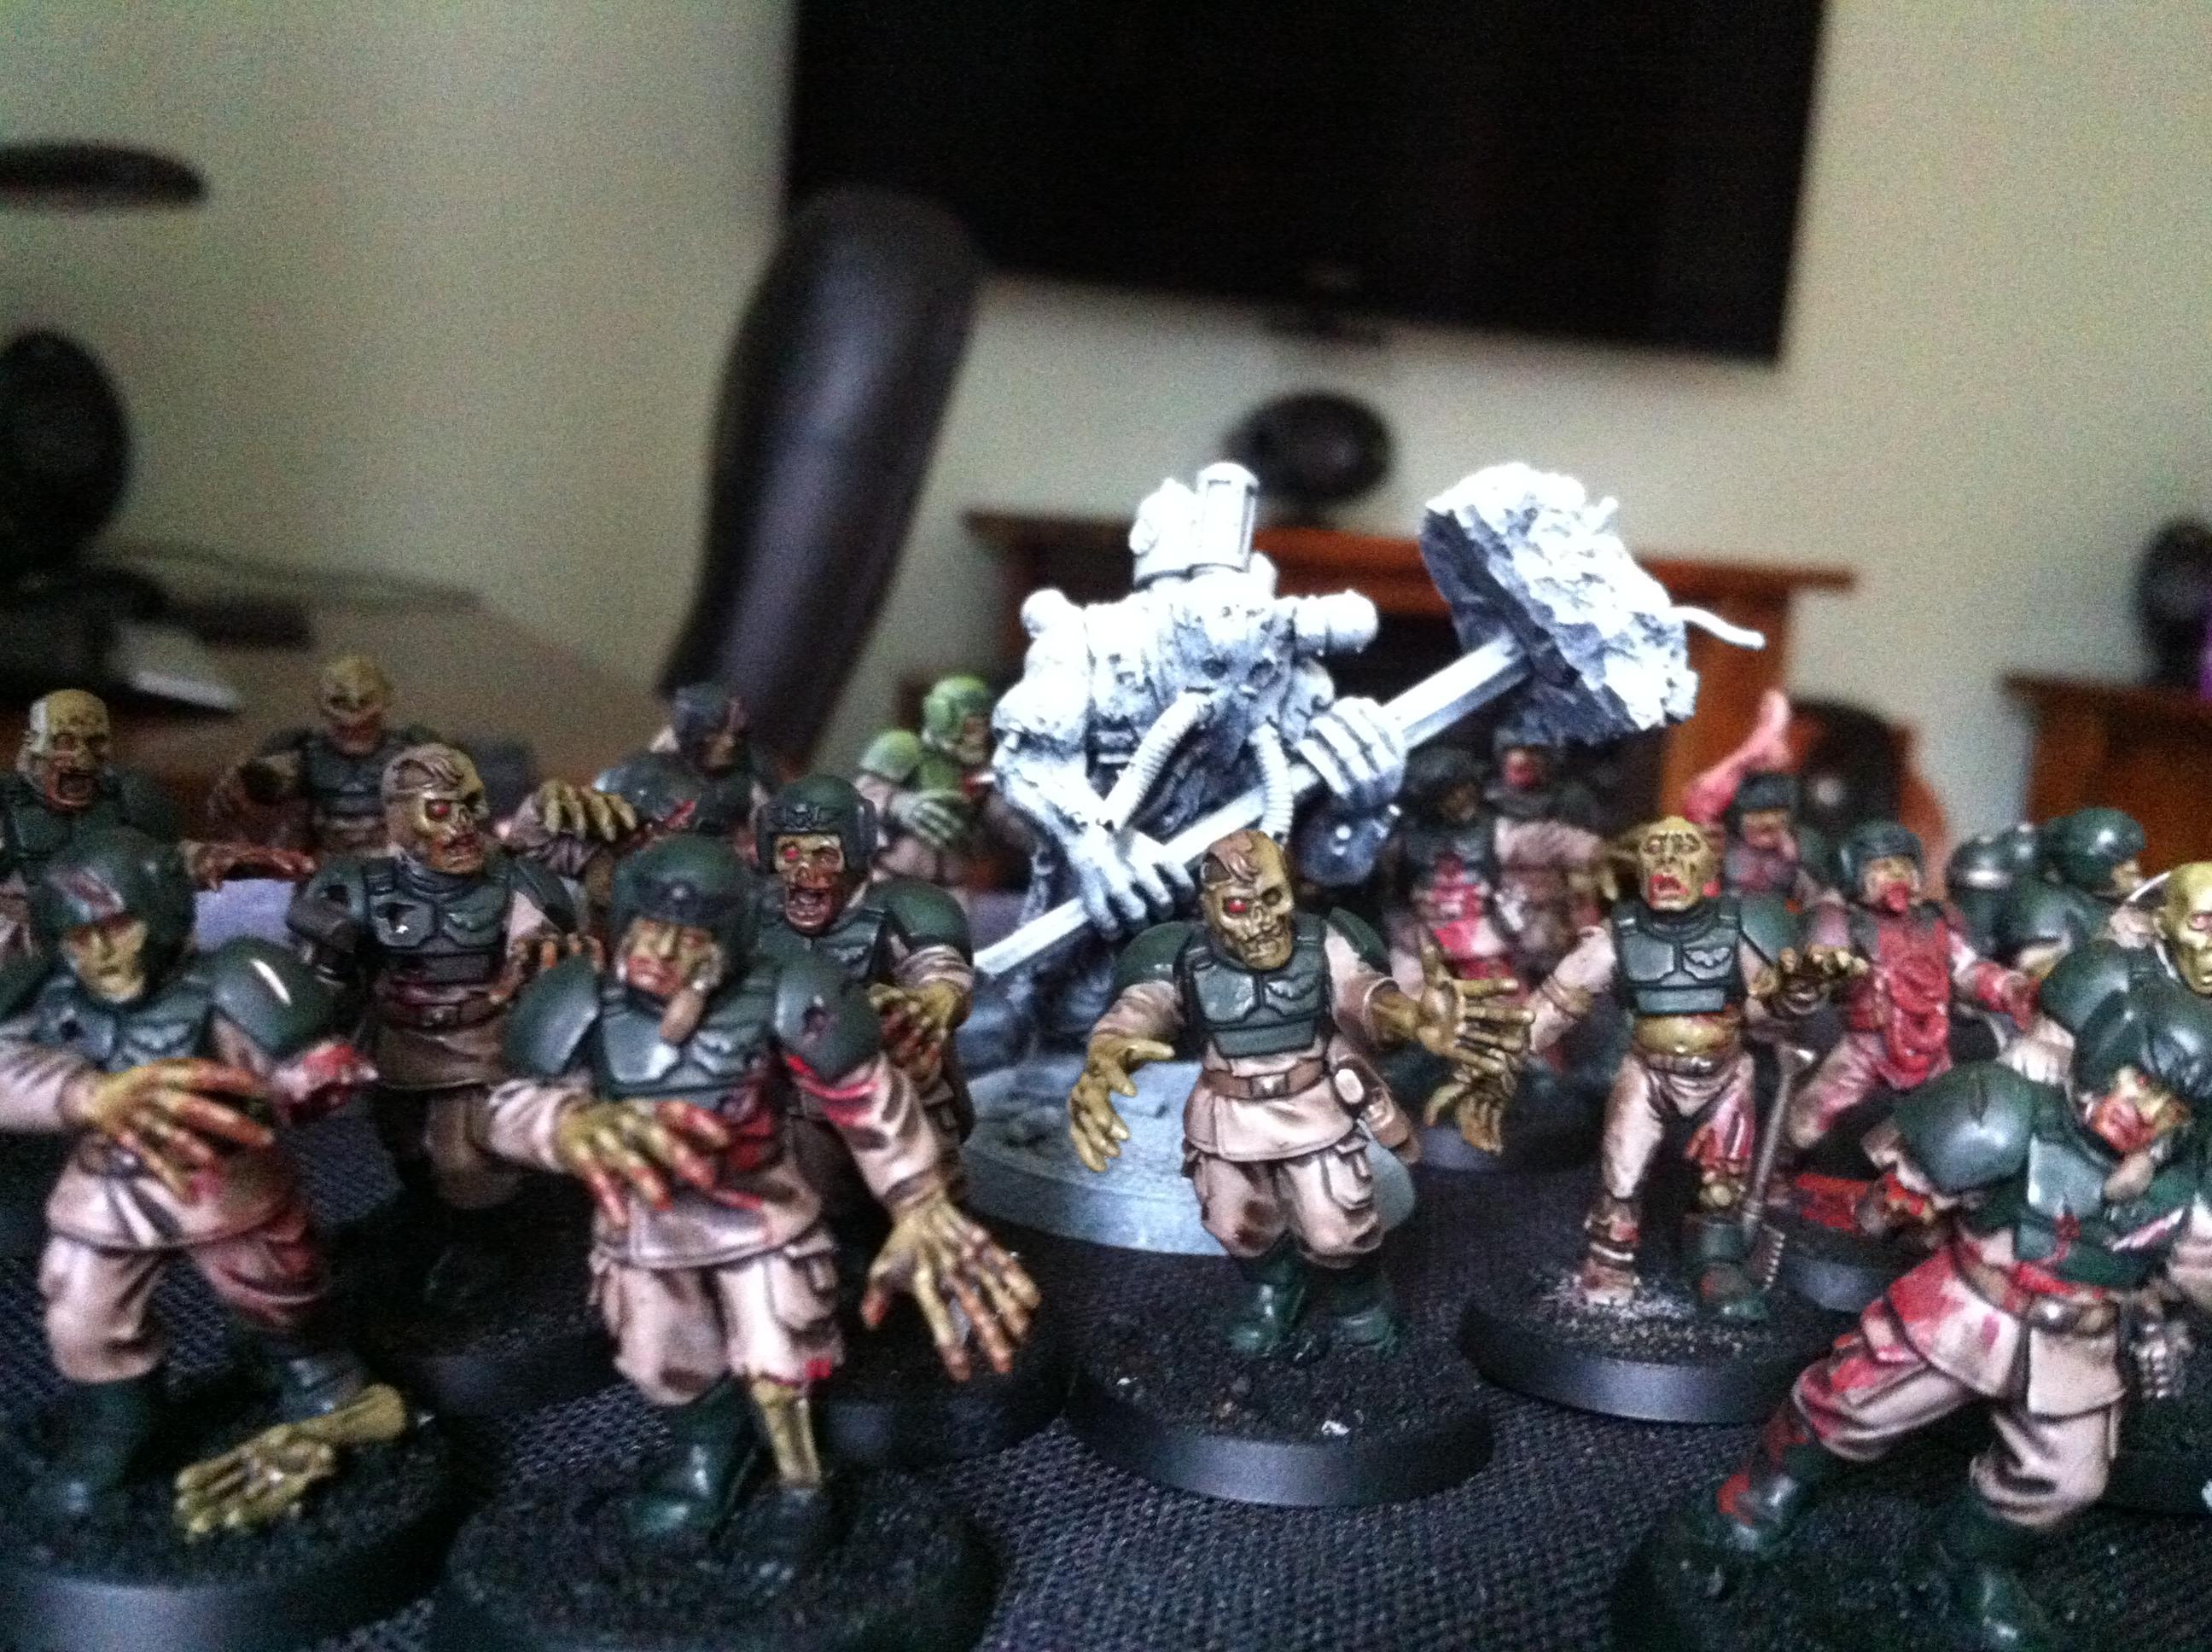 Cadians, Ogryns, Warhammer 40,000, Zombie